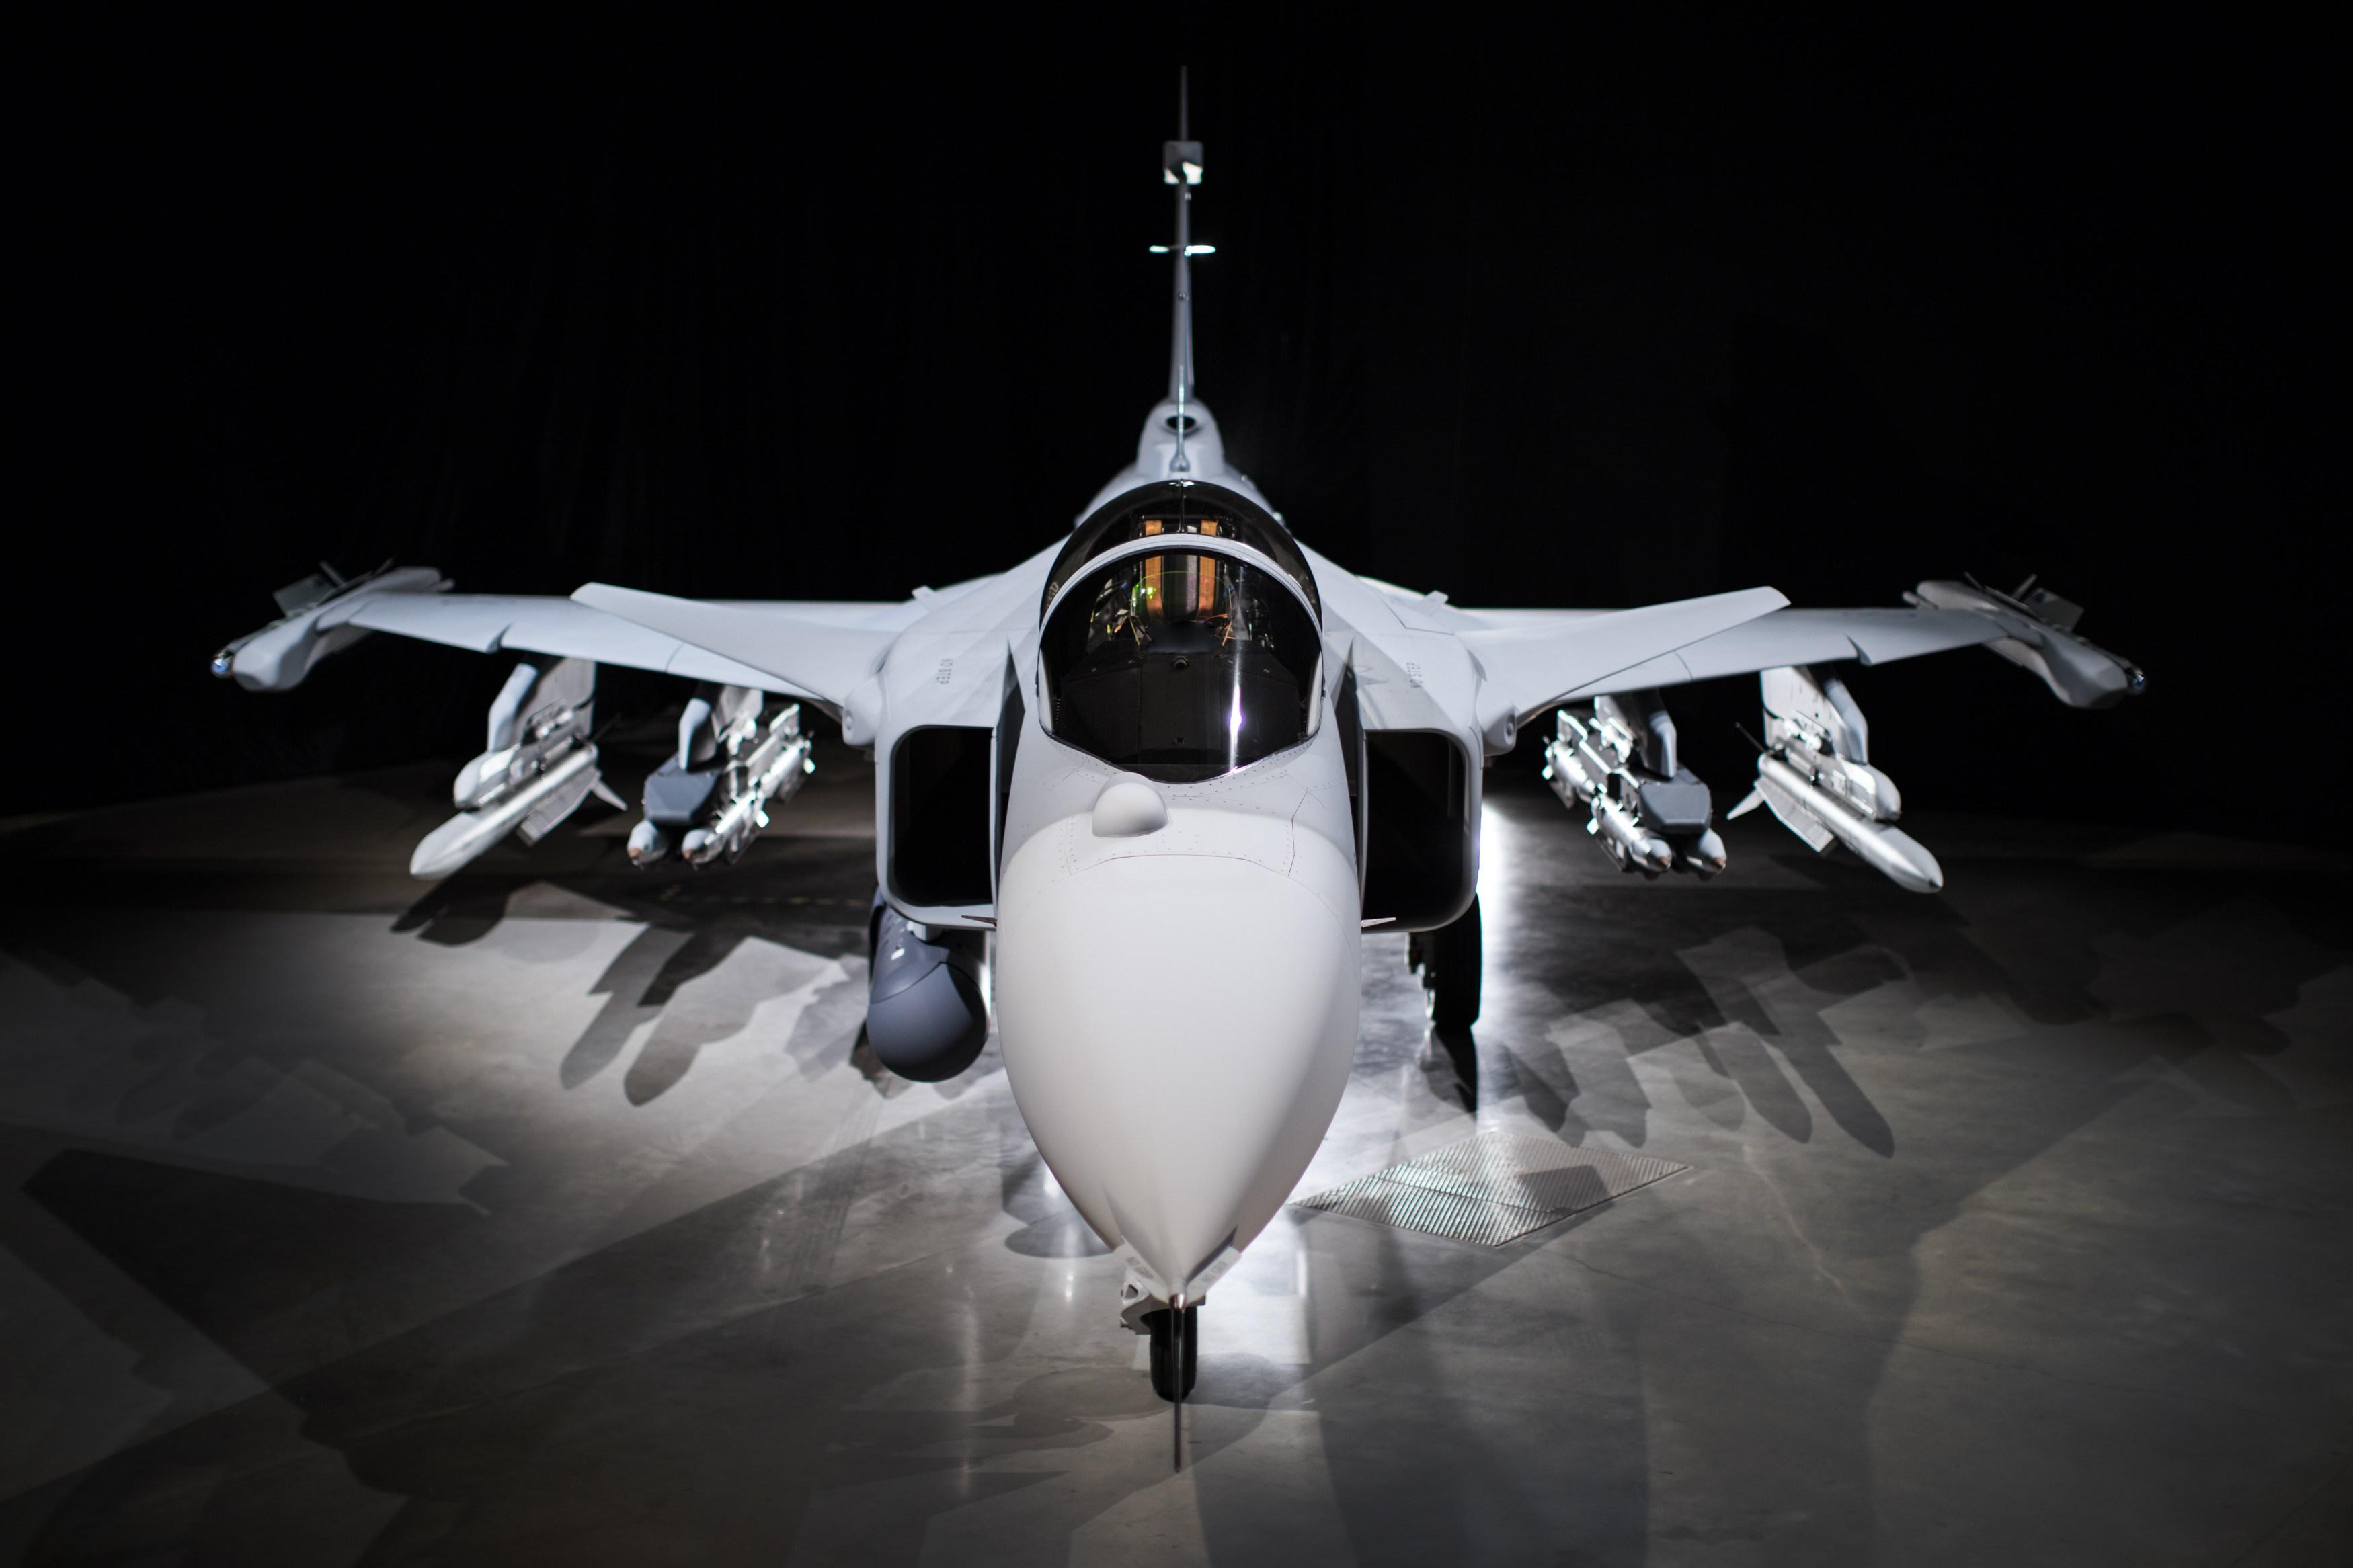 Выкатка первого прототипа истребителя Gripen E